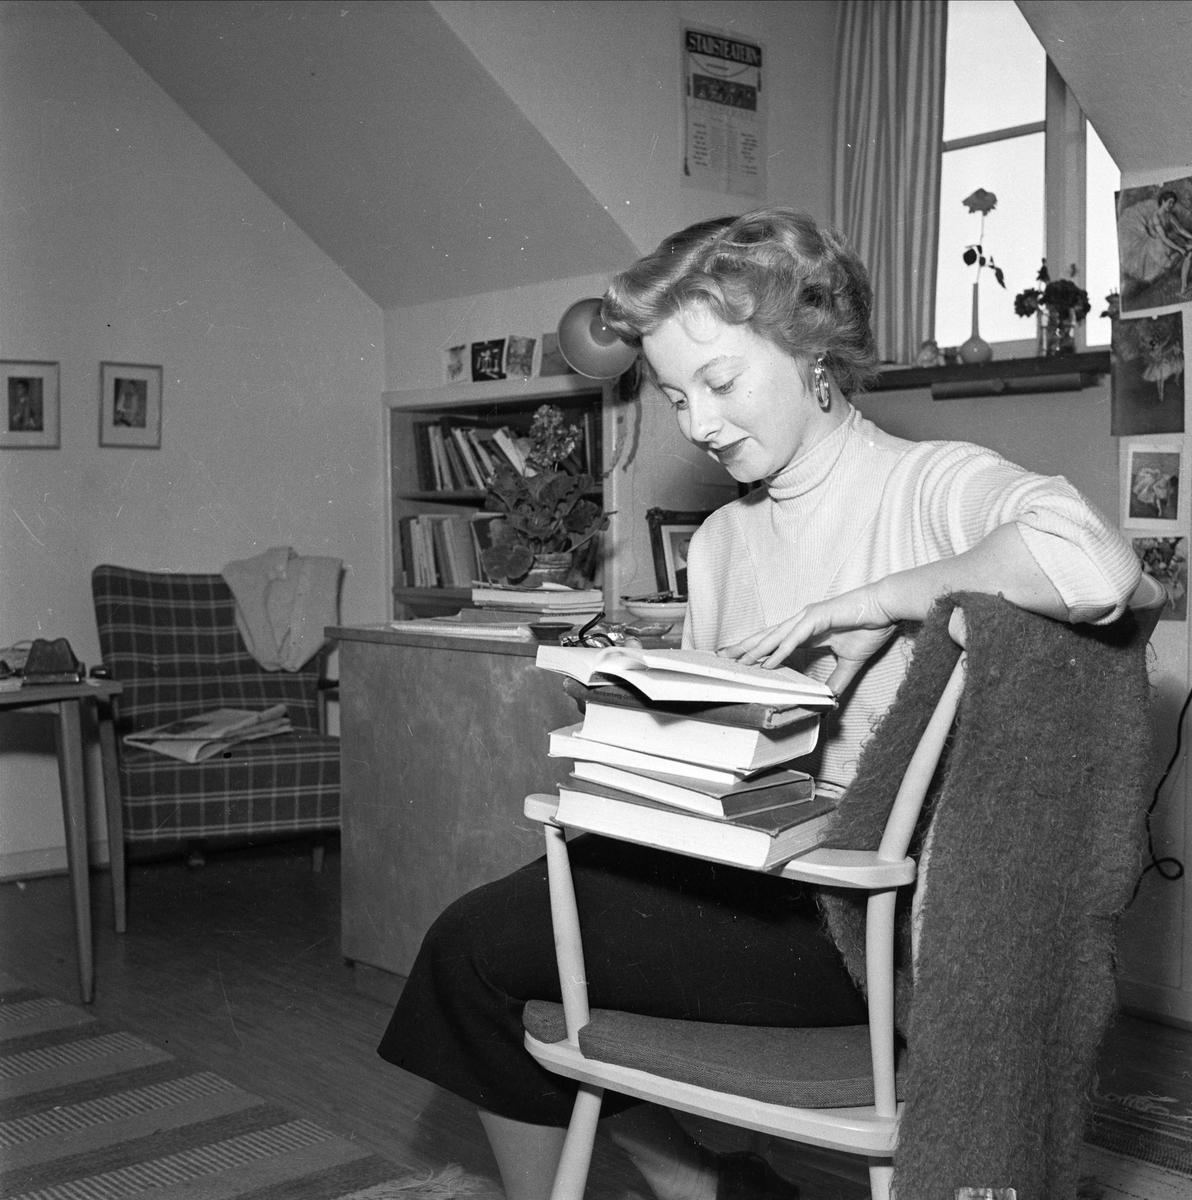 Interiör från en studentlägenhet i Studentstaden i Uppsala, 1955